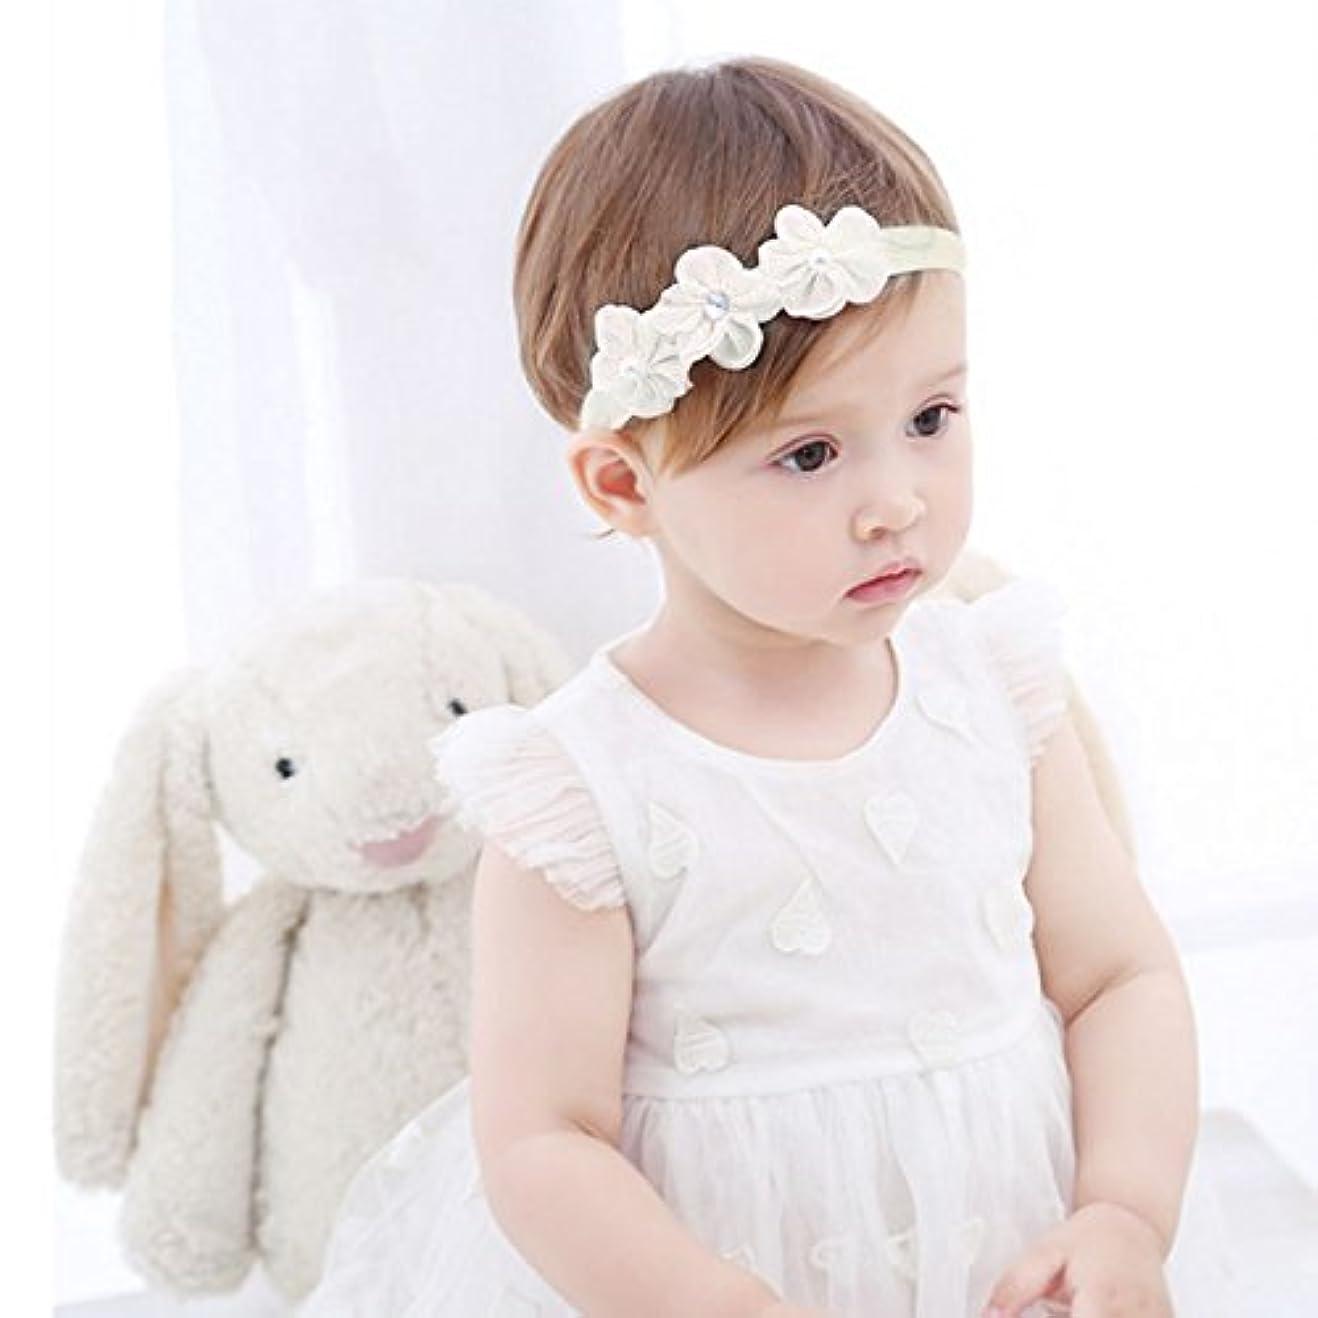 従う俳句寸法Refaxi 子供の赤ちゃんかわいい幼児のレースの花のヘアバンドヘッドウェアヘッドバンドアクセサリー